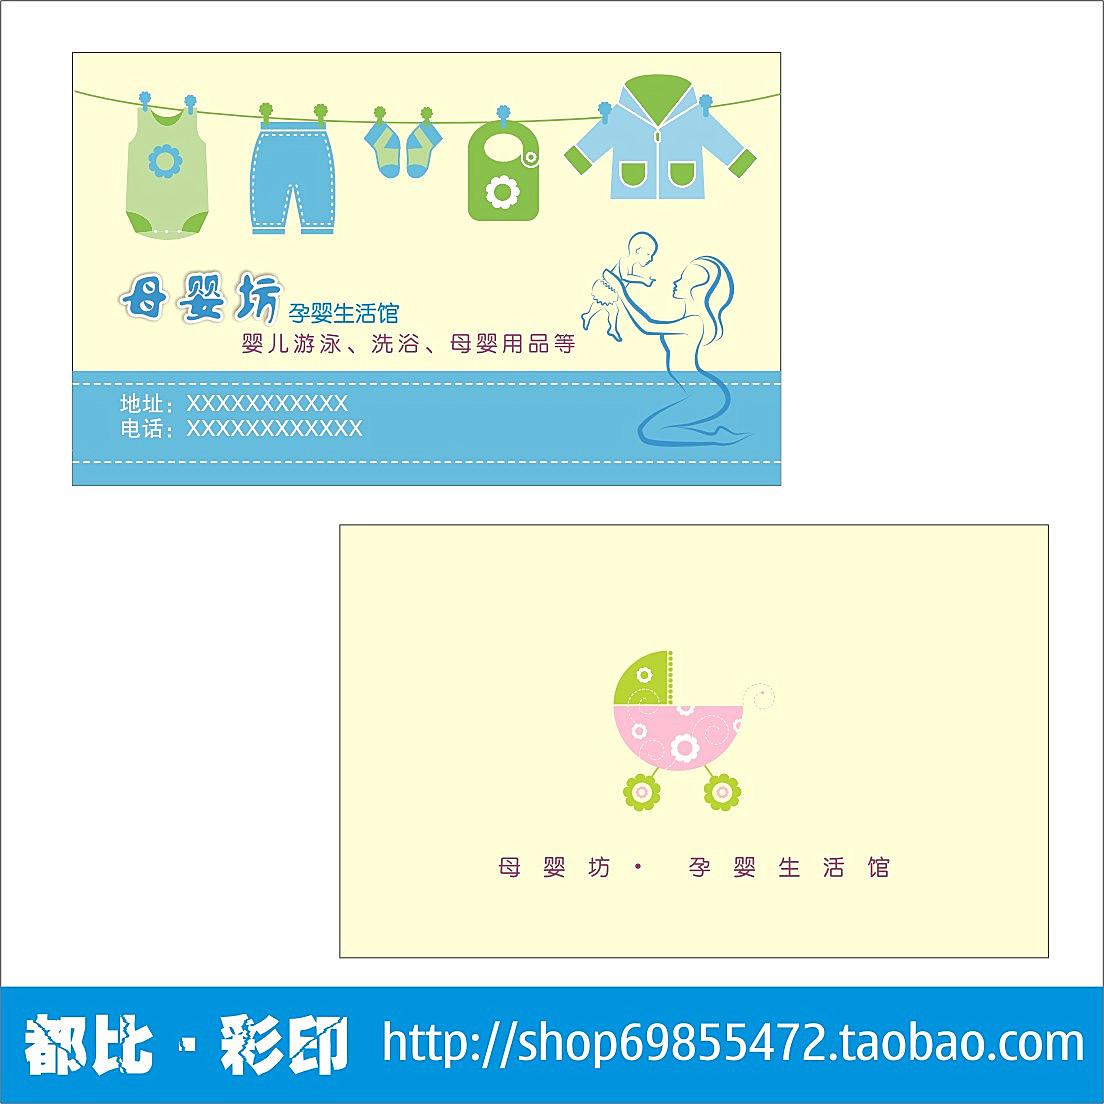 彩印名片 个性婴儿童装卡通名片模板 母婴店名片 宝宝店会员卡商品图片